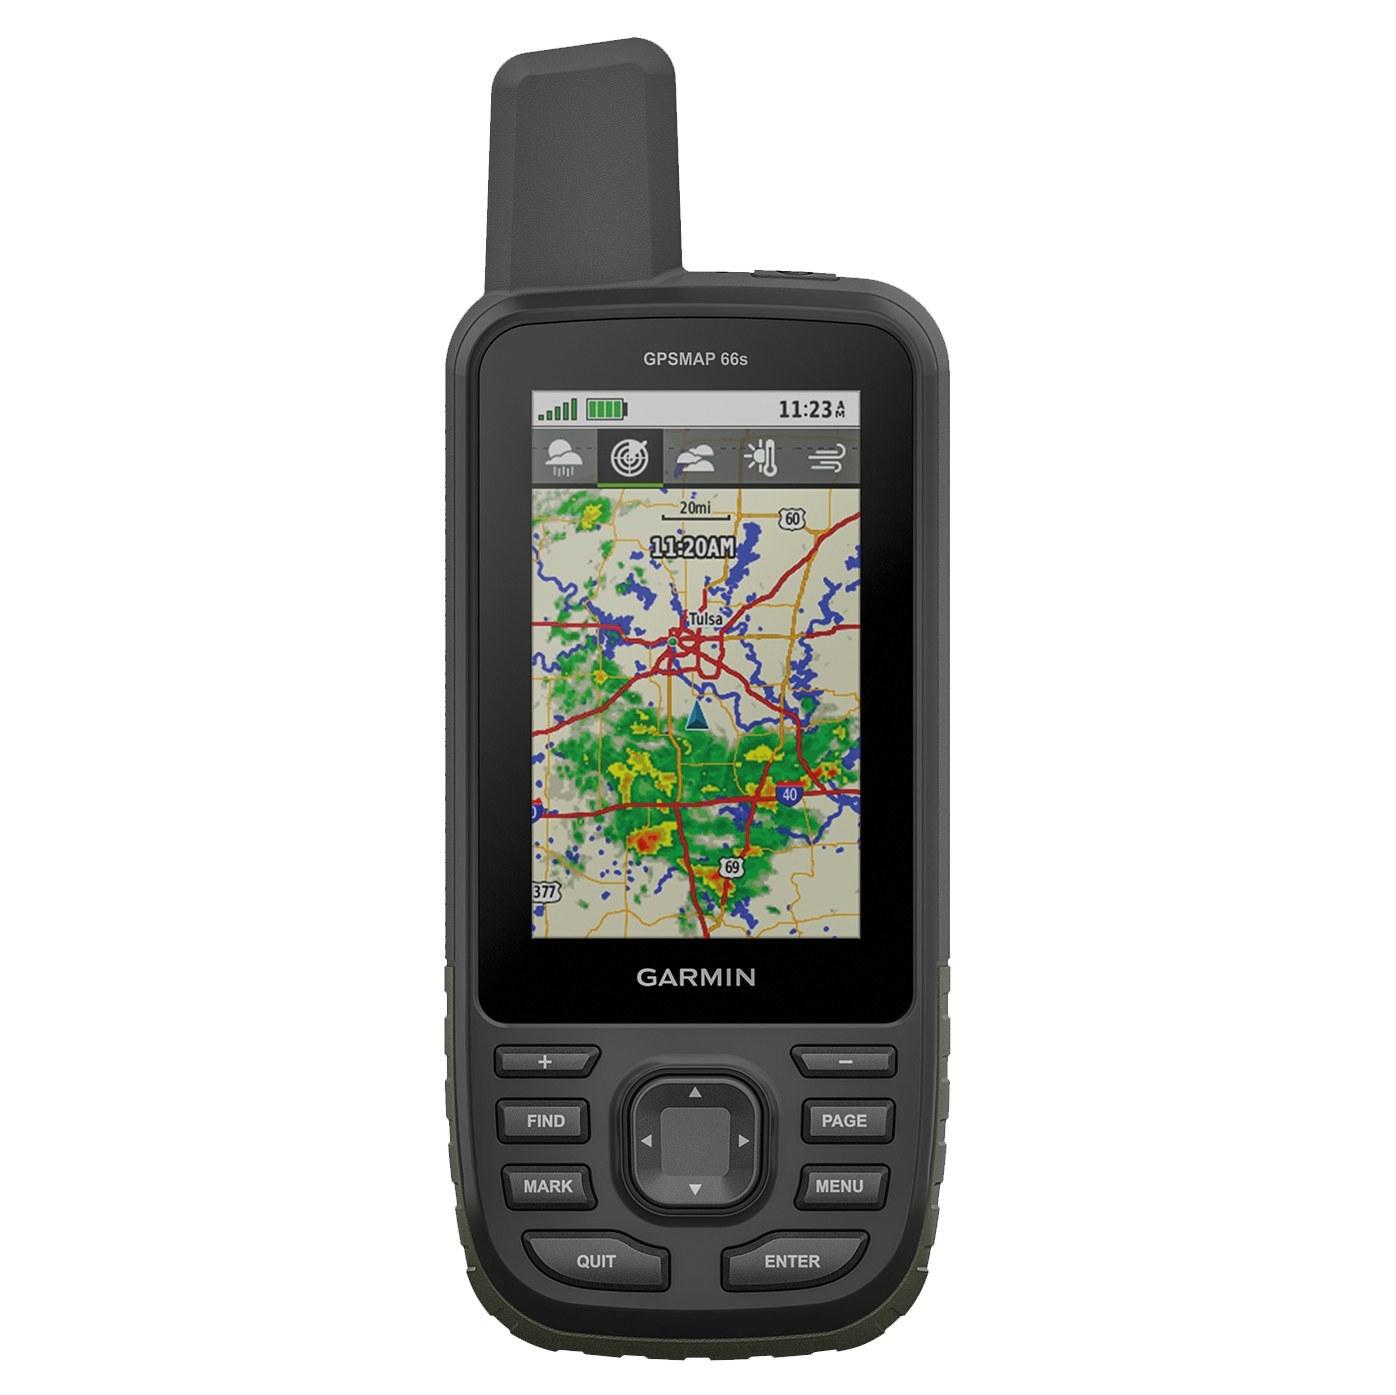 جی پی اس دستی گارمین مدل GPSMAP 66S | Garmin GPSMAP 66S Handheld GPS Navigator